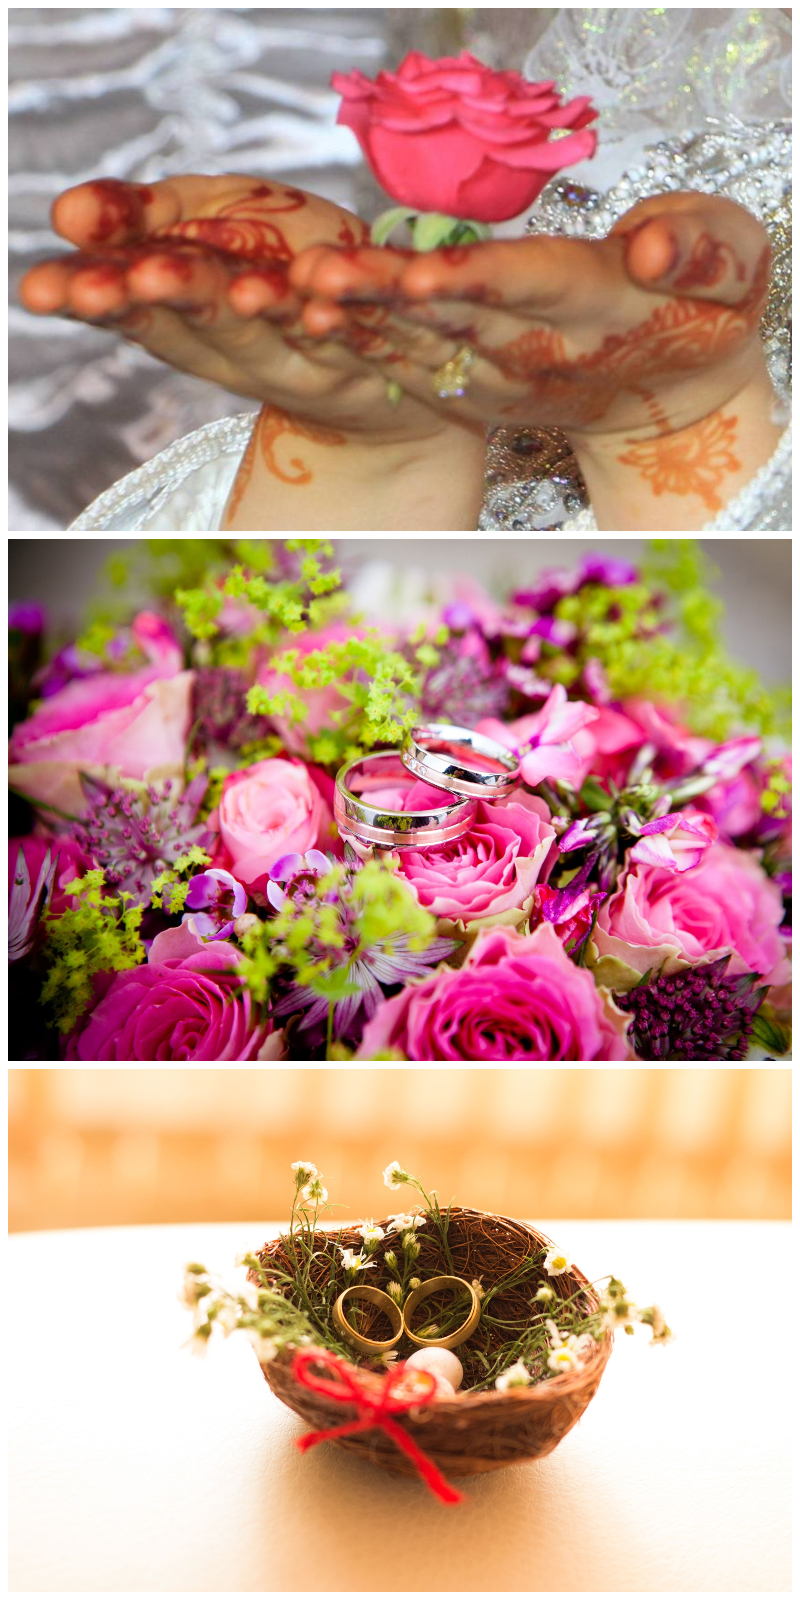 recherche photographe femme pour mariage e rencontres